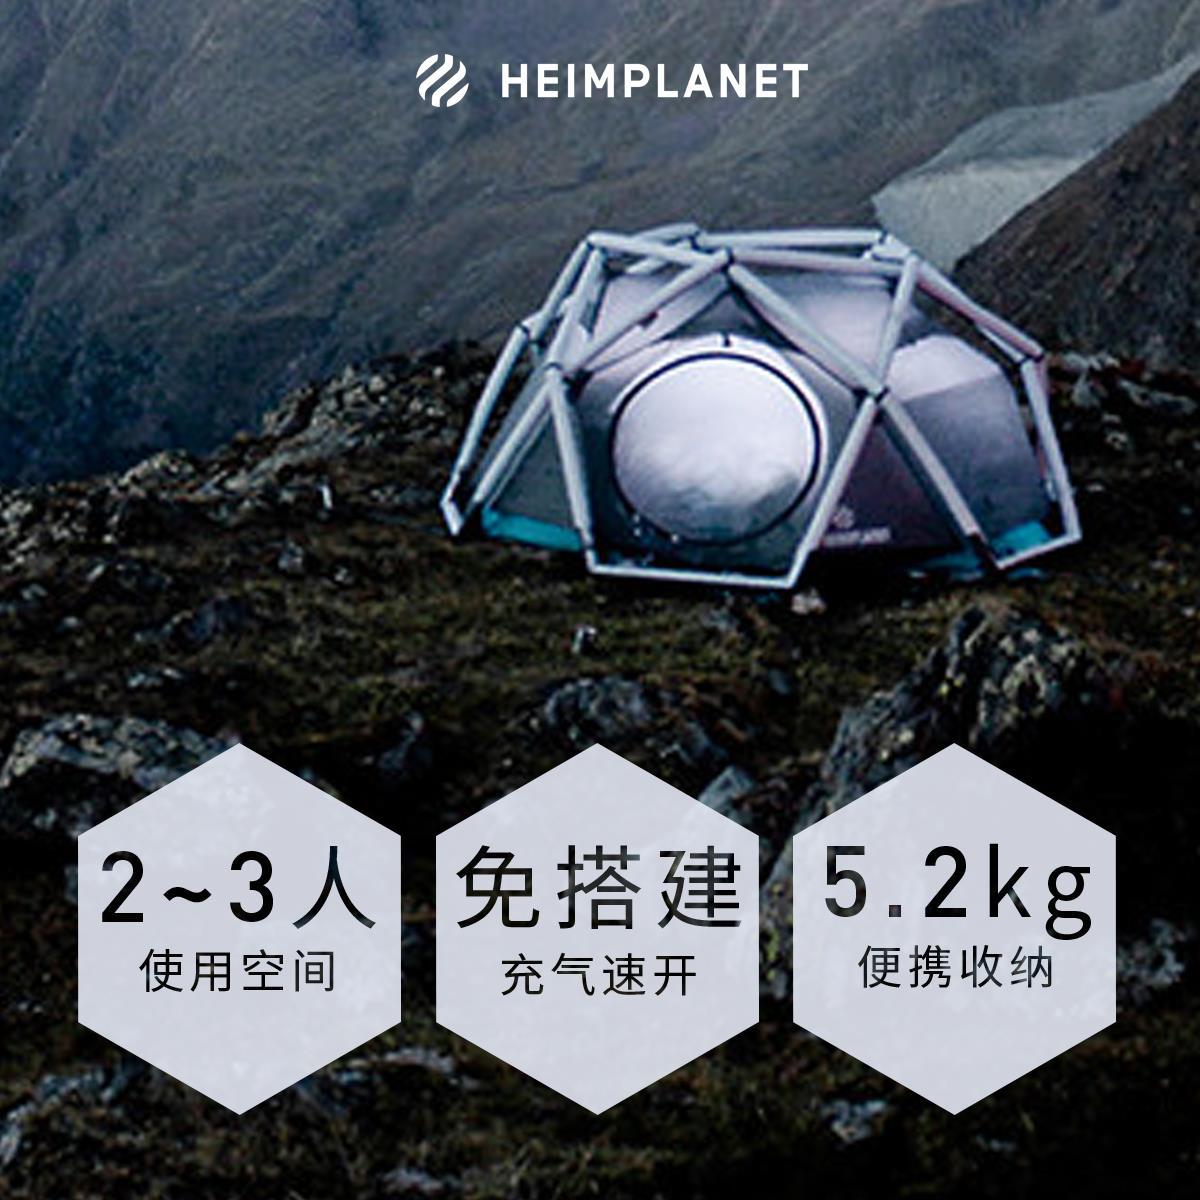 Lều bơm hơi Đức lưu trữ di động hình kim cương cấu trúc kim cương nylon bạt câu cá leo núi tự lái tour du lịch chống gió - Lều / mái hiên / phụ kiện lều